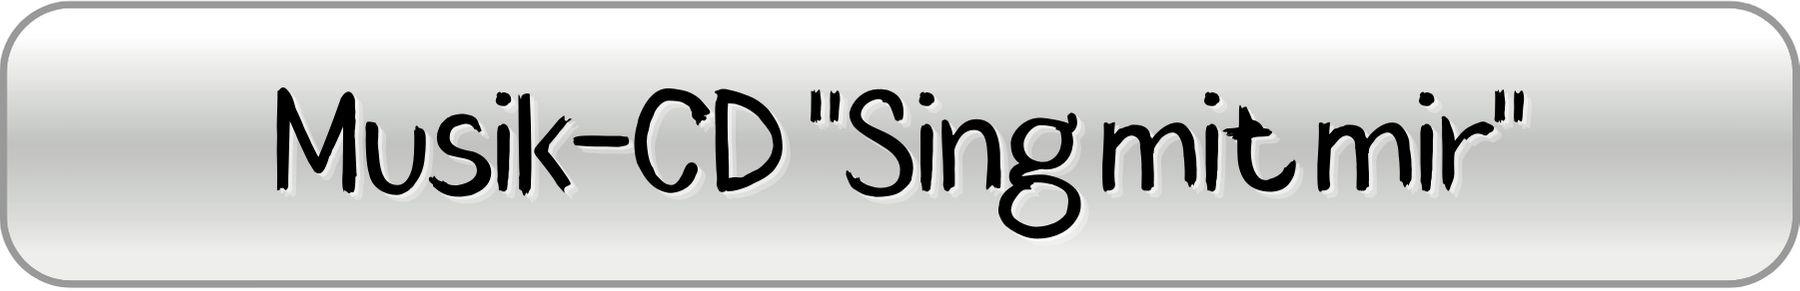 Musik-CD Sing mit mir